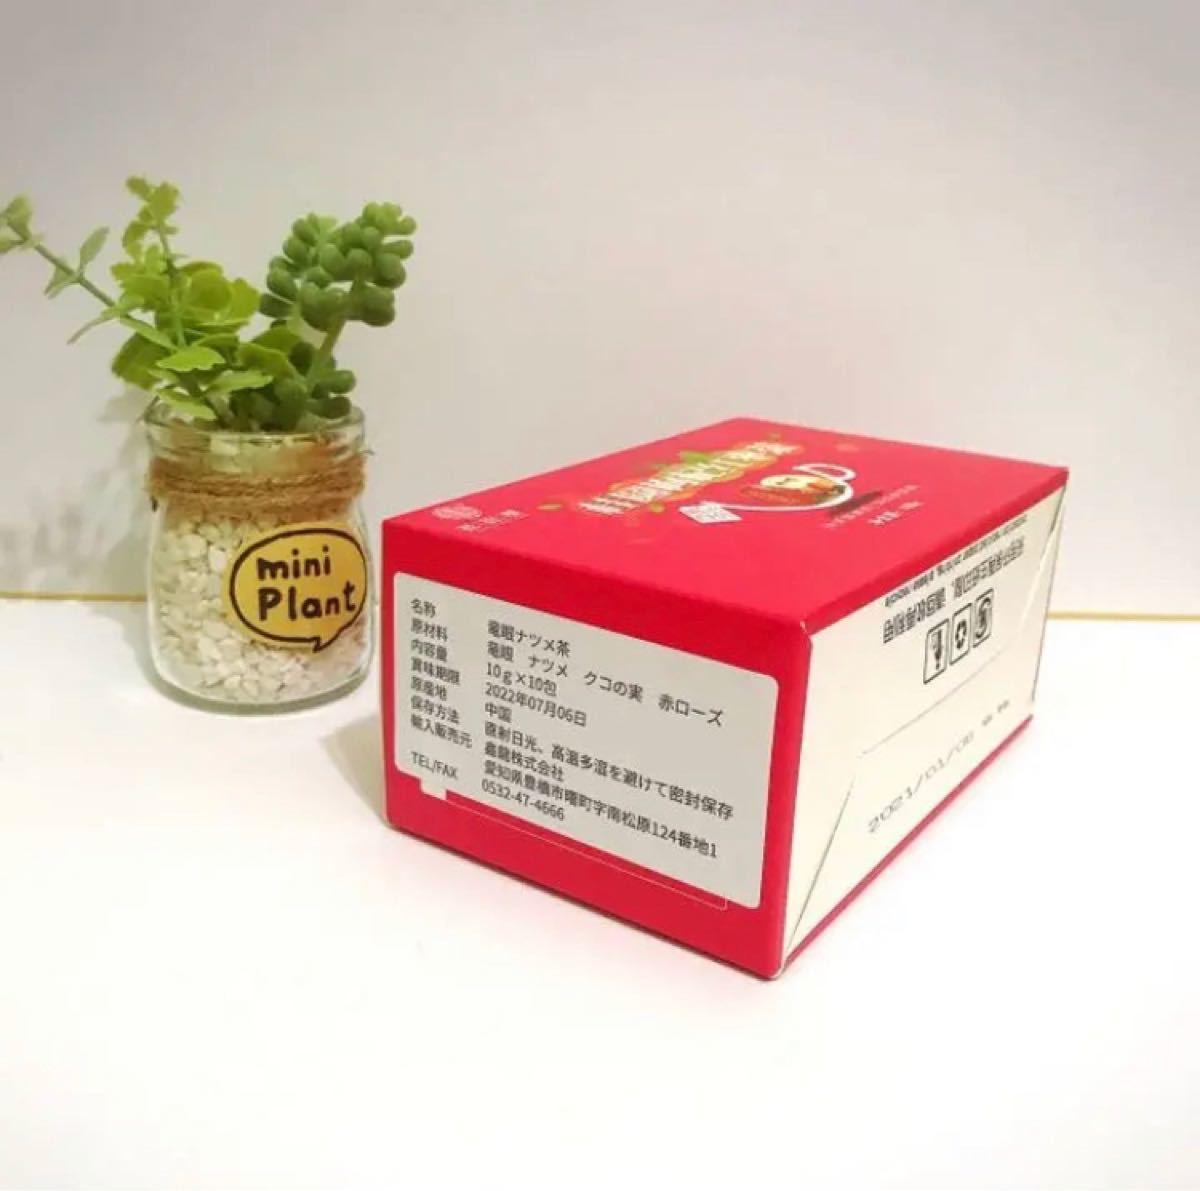 竜眼ナツメクコの実のお茶 薬膳茶 花茶 ハーブティー 健康茶美容茶フルーツティー